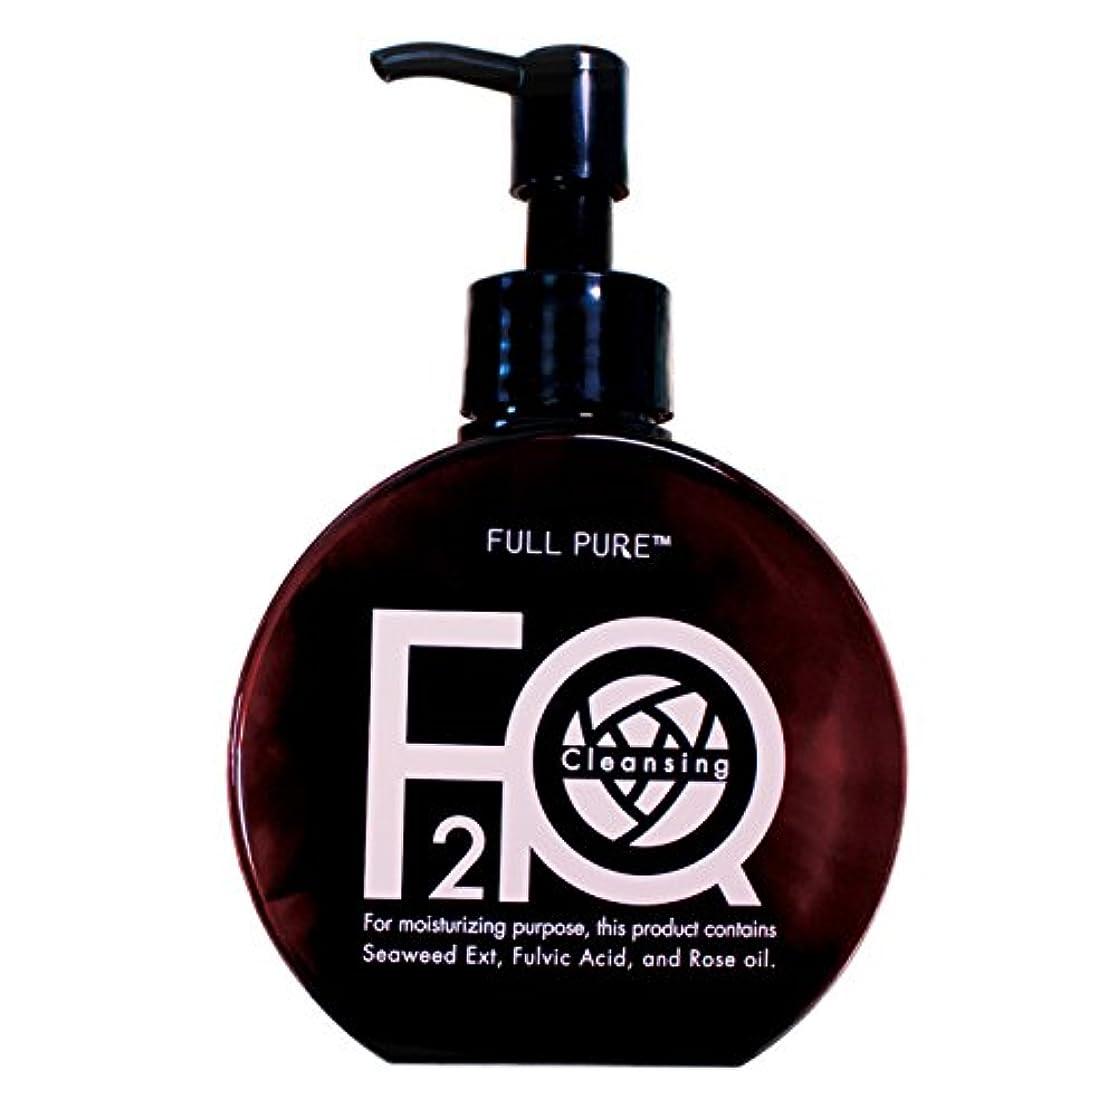 聴覚障害者マイルドスペアフルボ酸 Full Pure フルピュア F2R モイストクレンジングジェル (150ml)